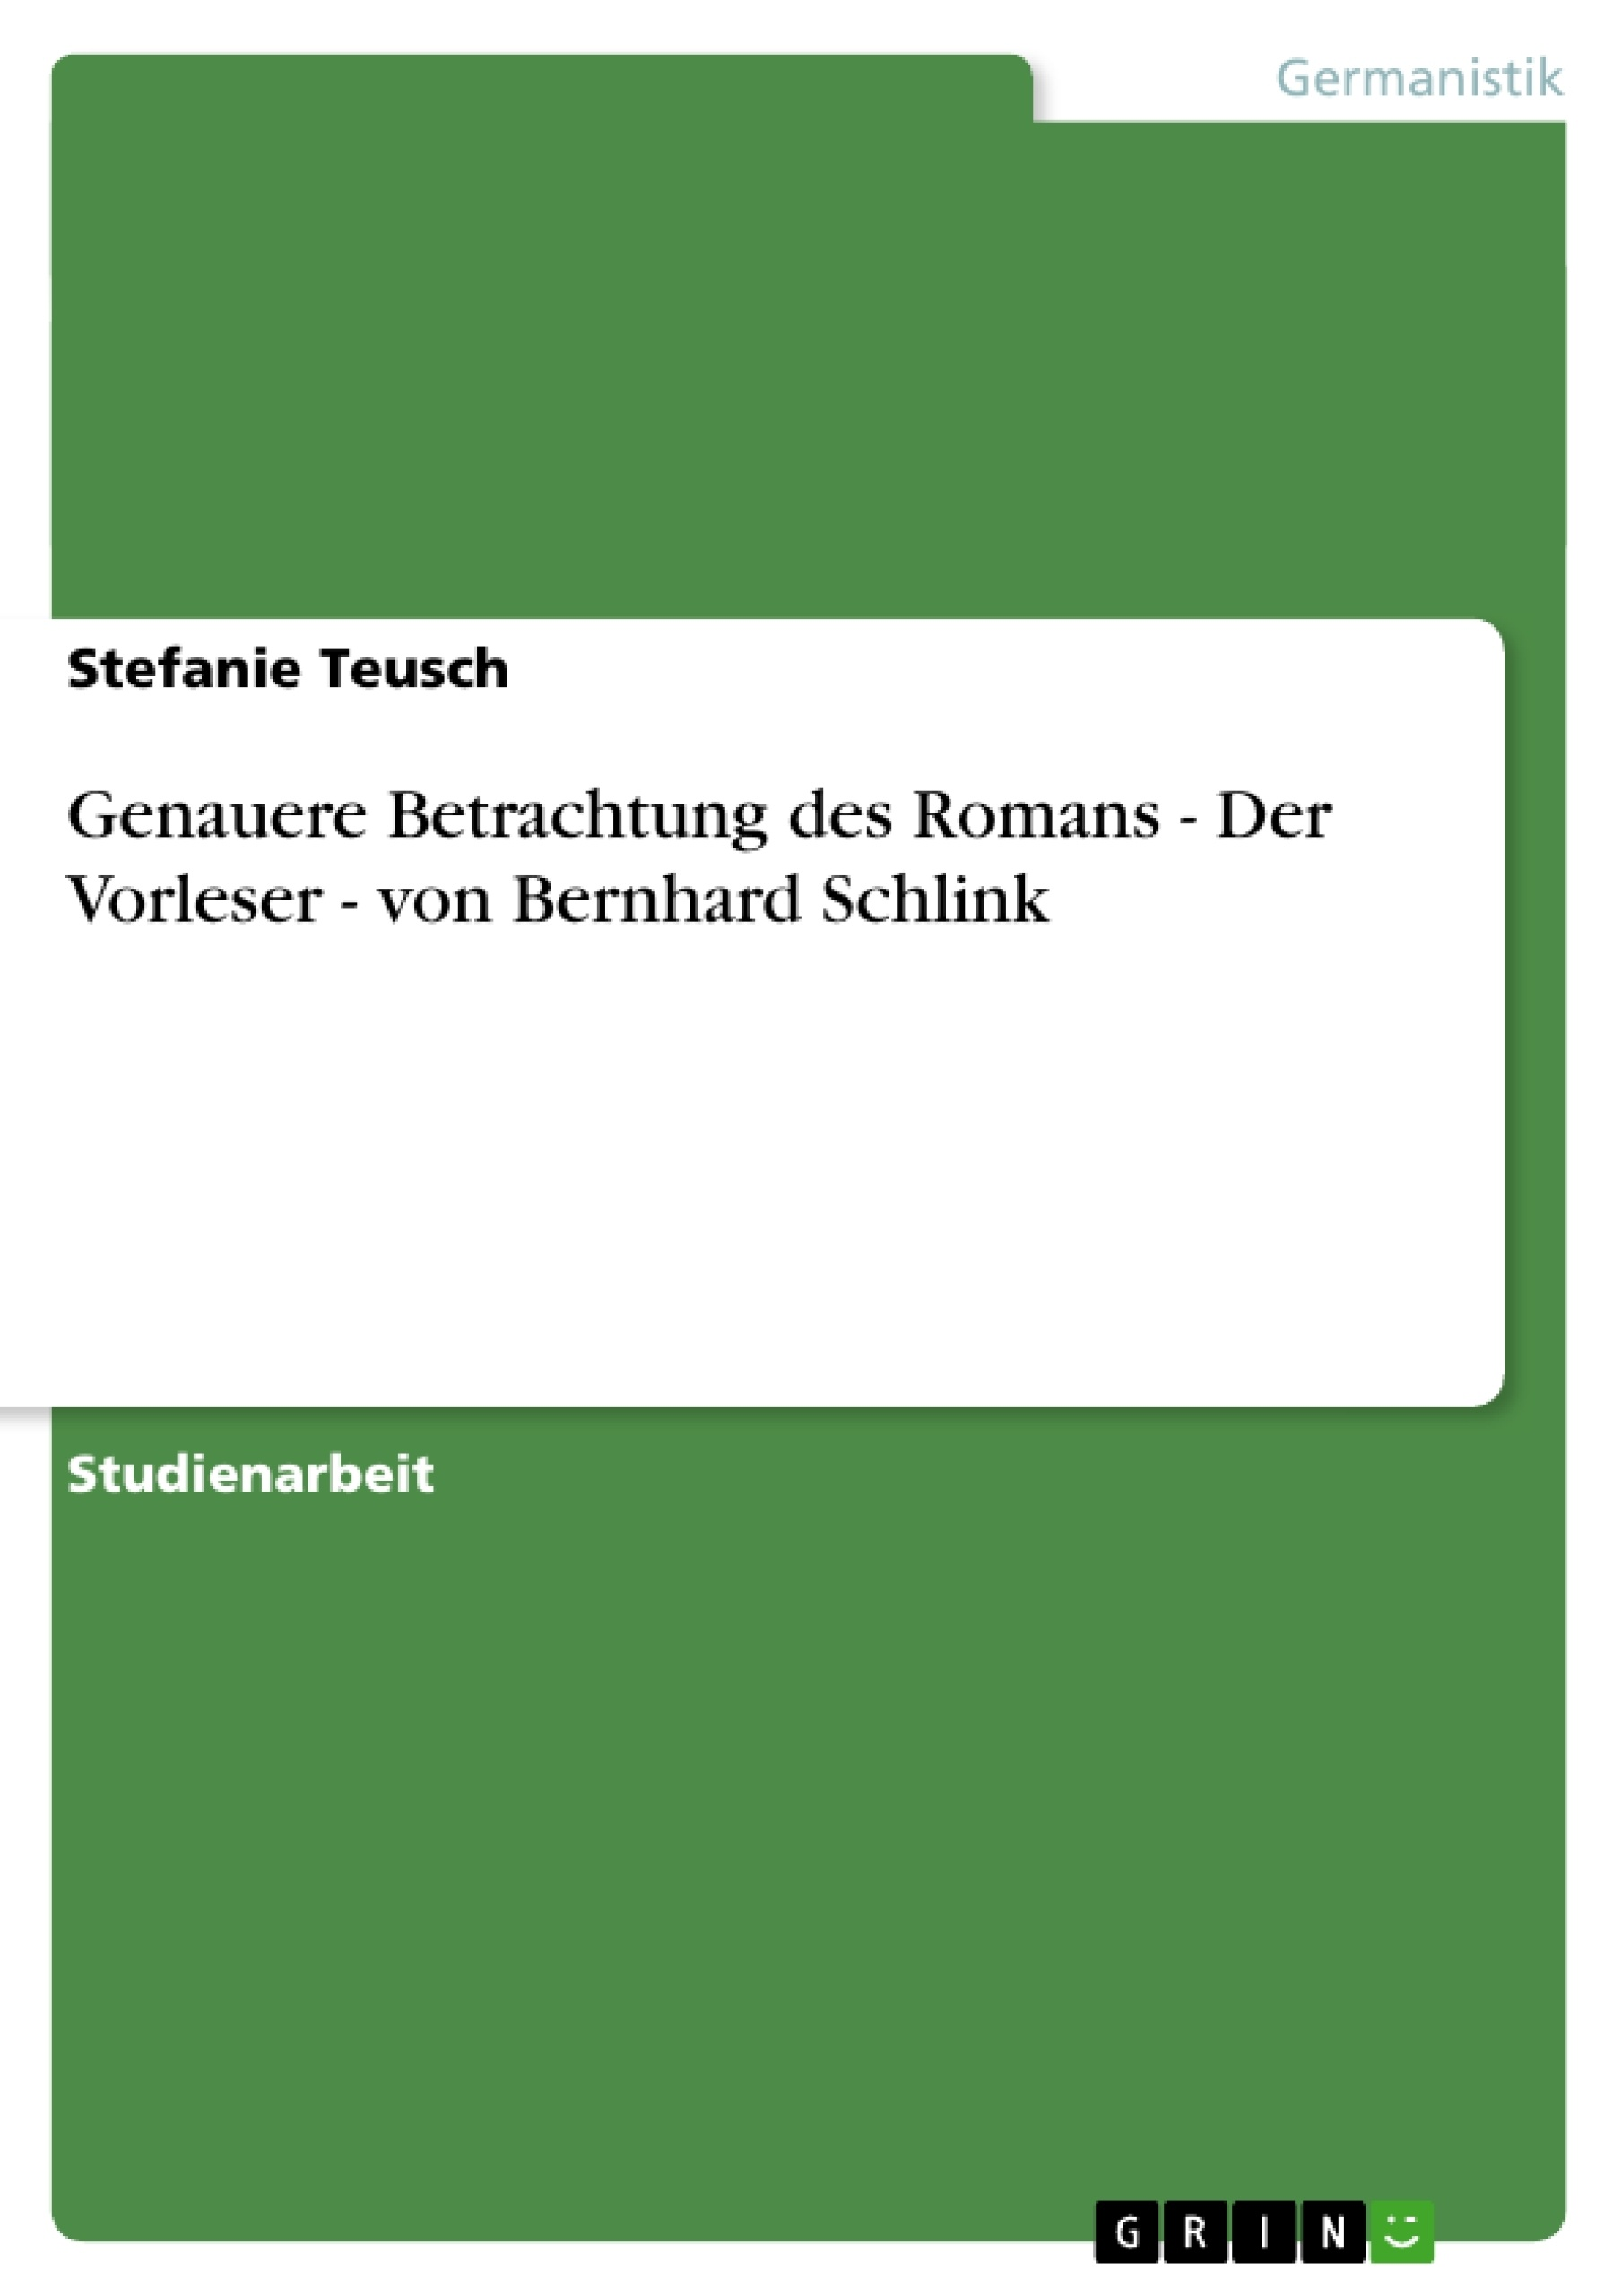 Titel: Genauere Betrachtung des Romans - Der Vorleser - von Bernhard Schlink